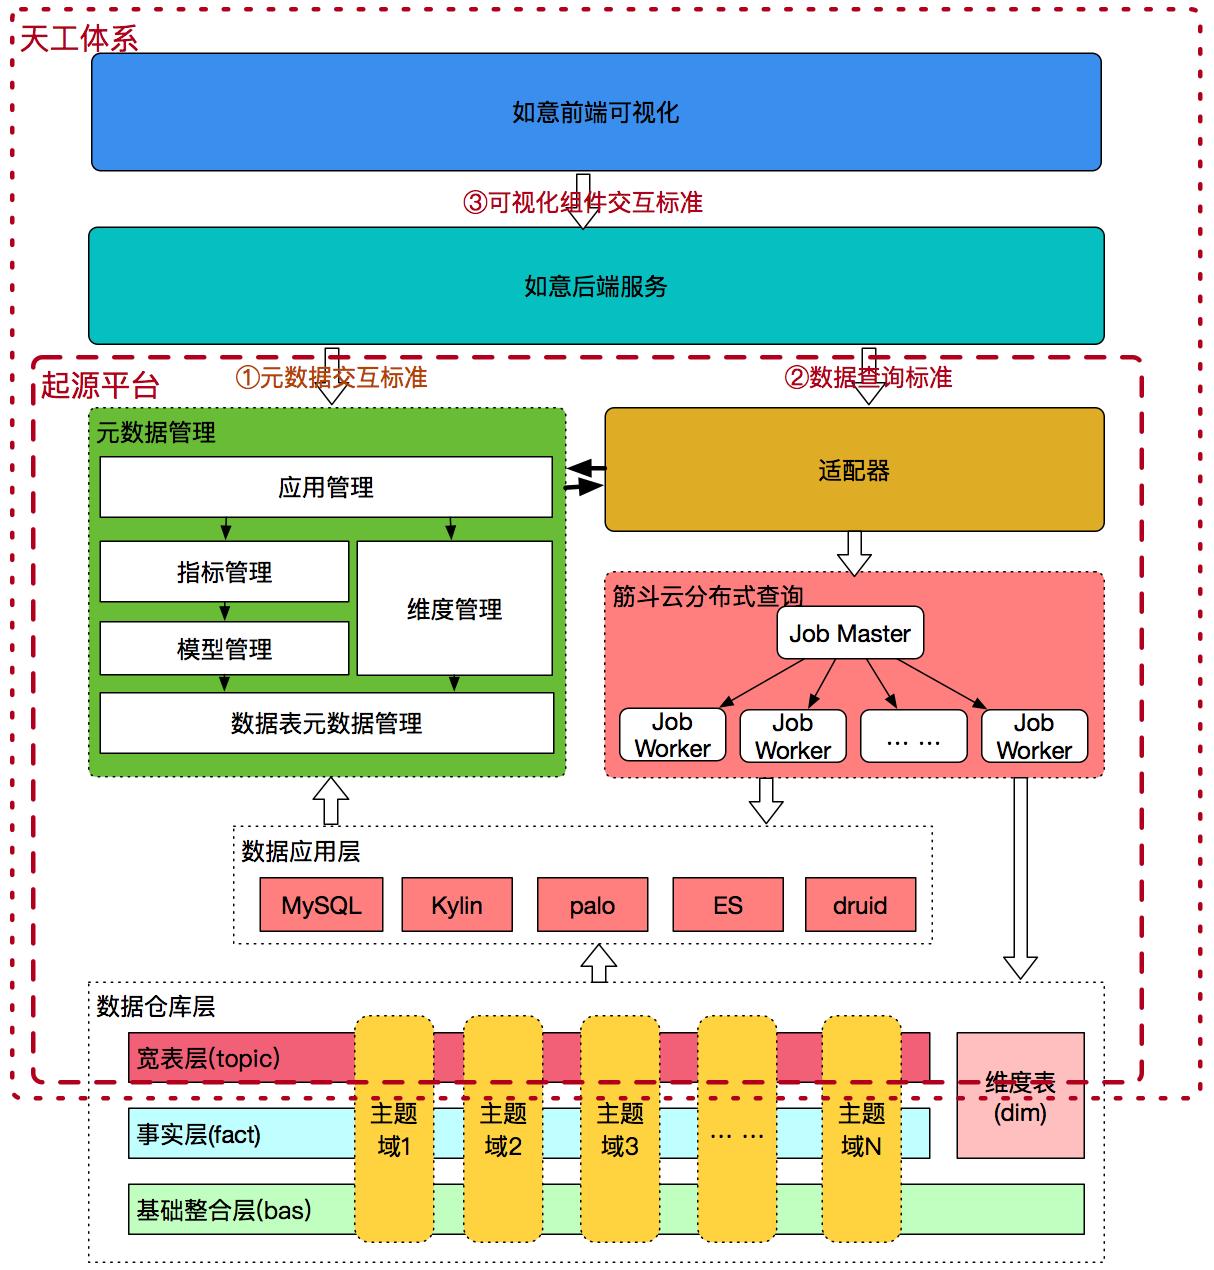 图13 天工体系架构图